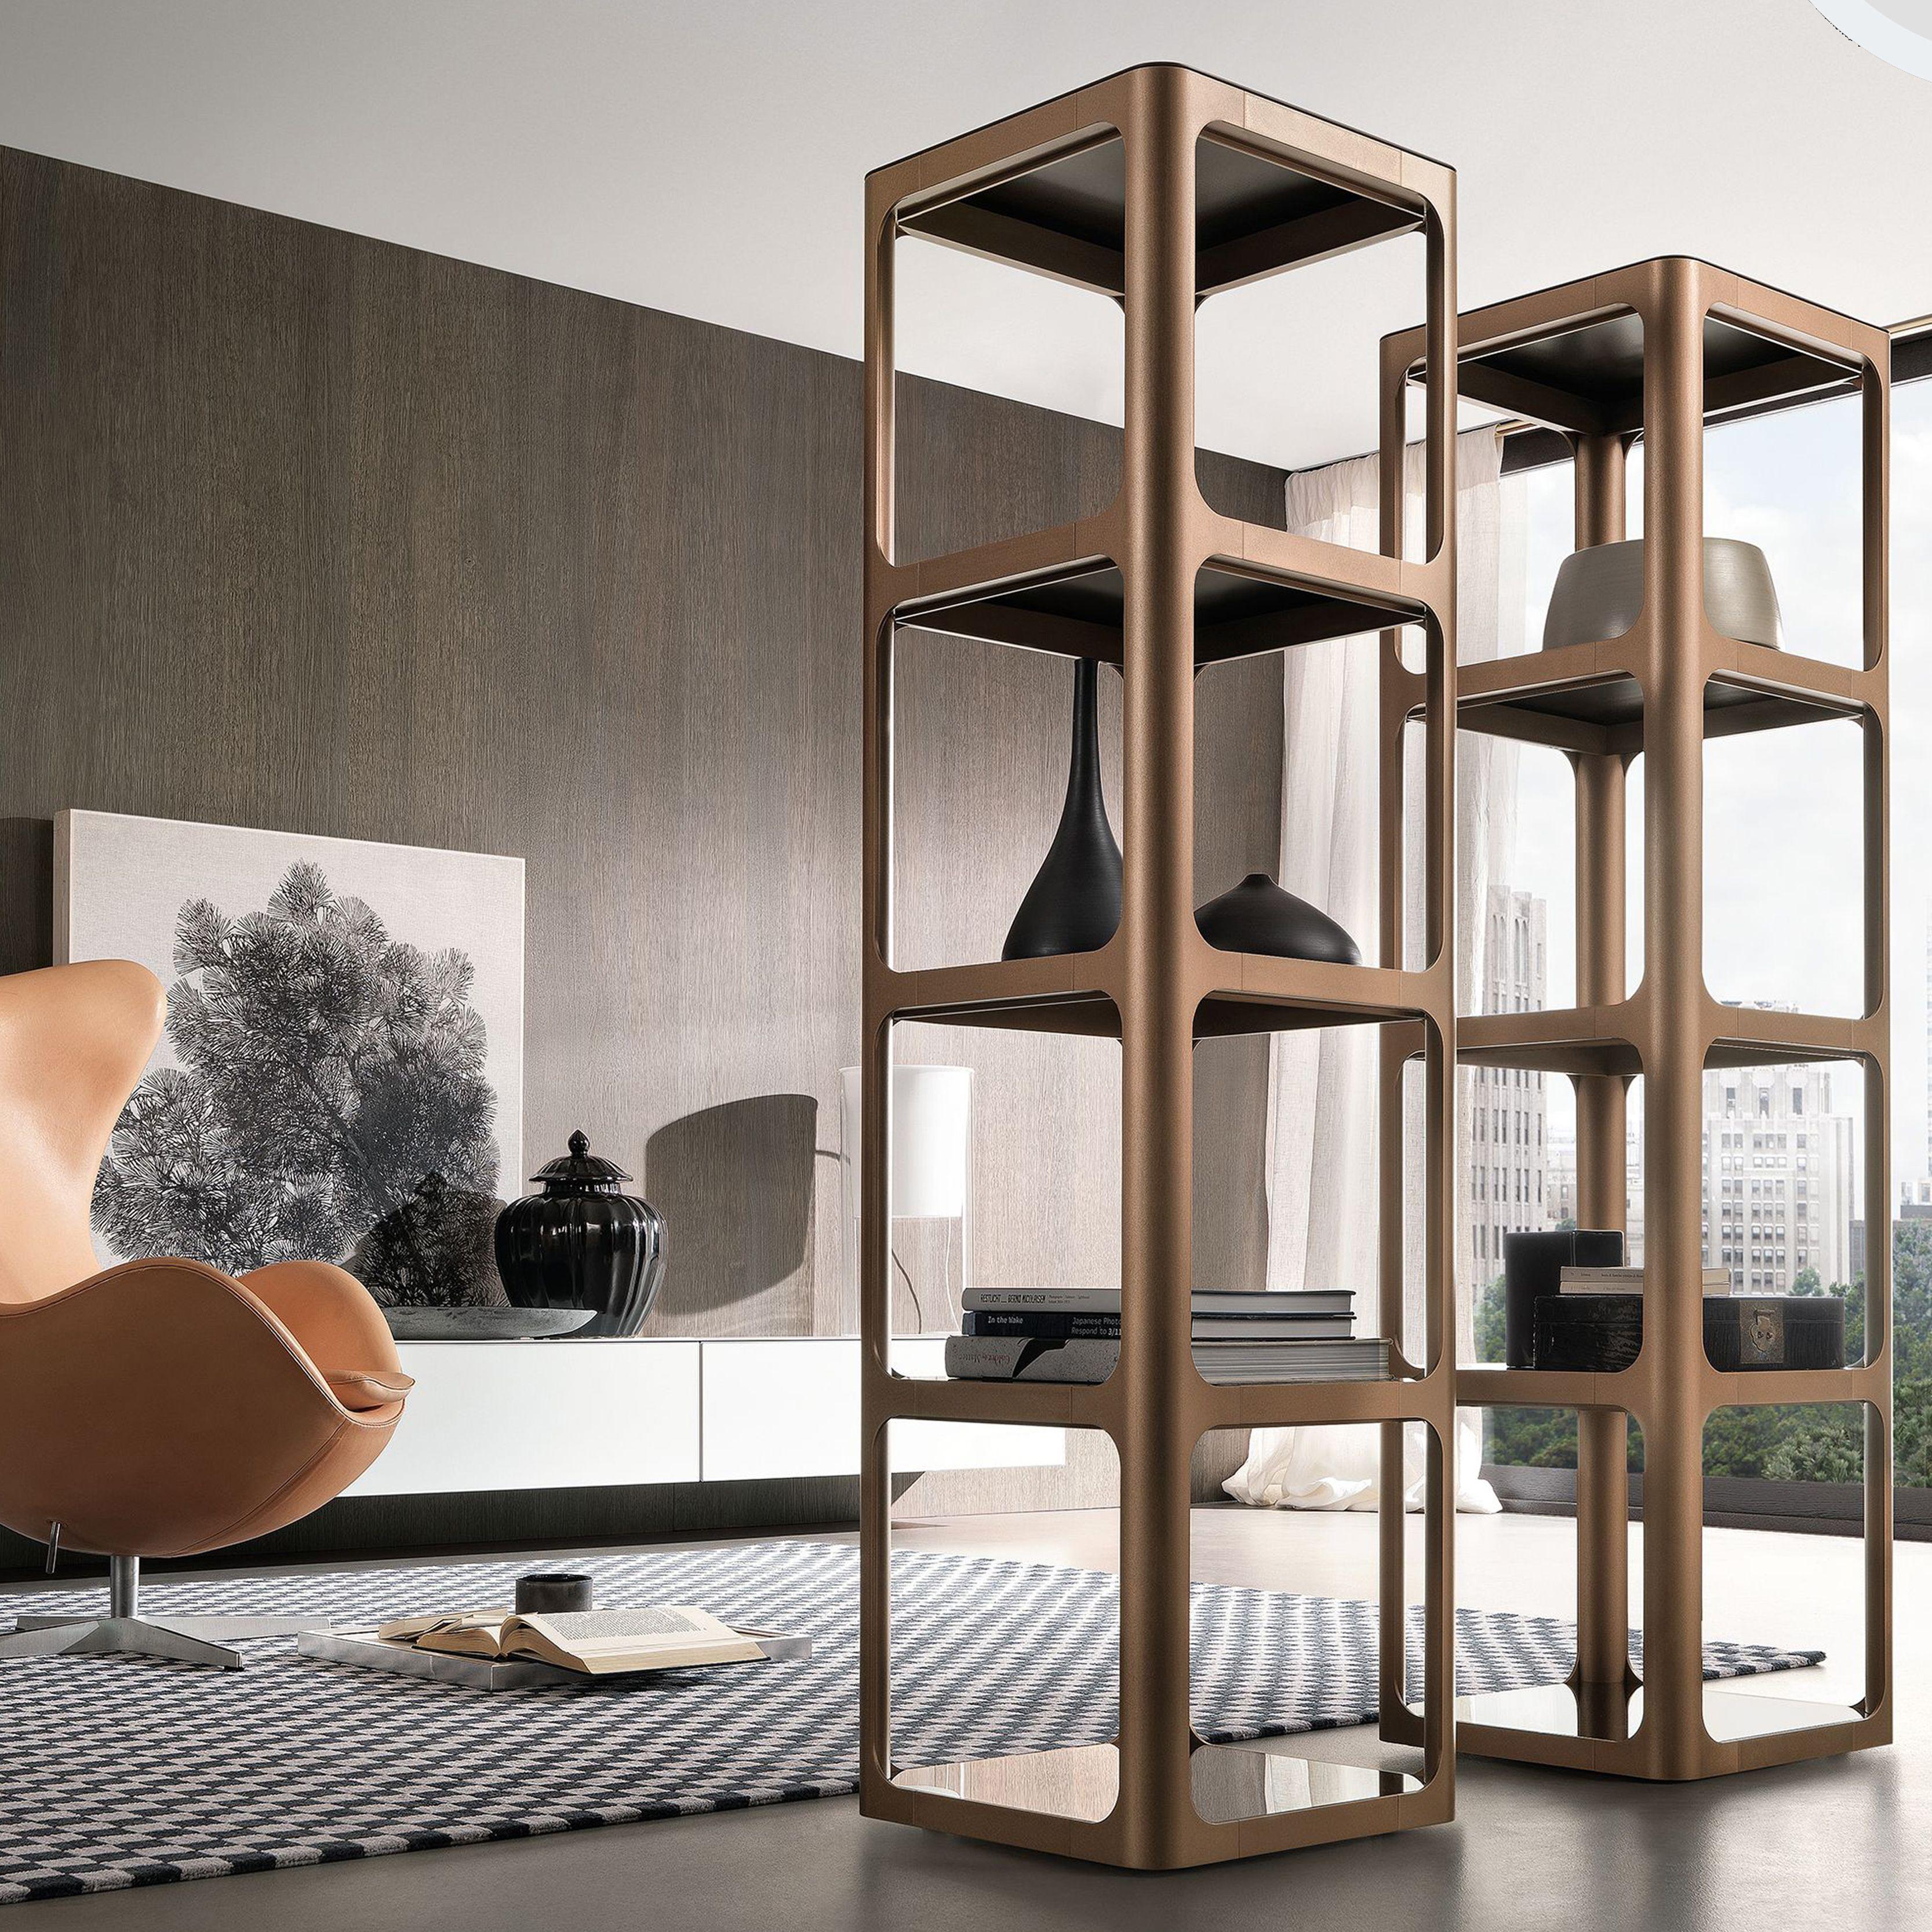 Luxury And Premium Italian Furniture Brands In India Premium And Luxury Italian Furniture Brands In India Vivono Brings Luxury Italian F Italian Furniture Brands Luxury Italian Furniture Furniture